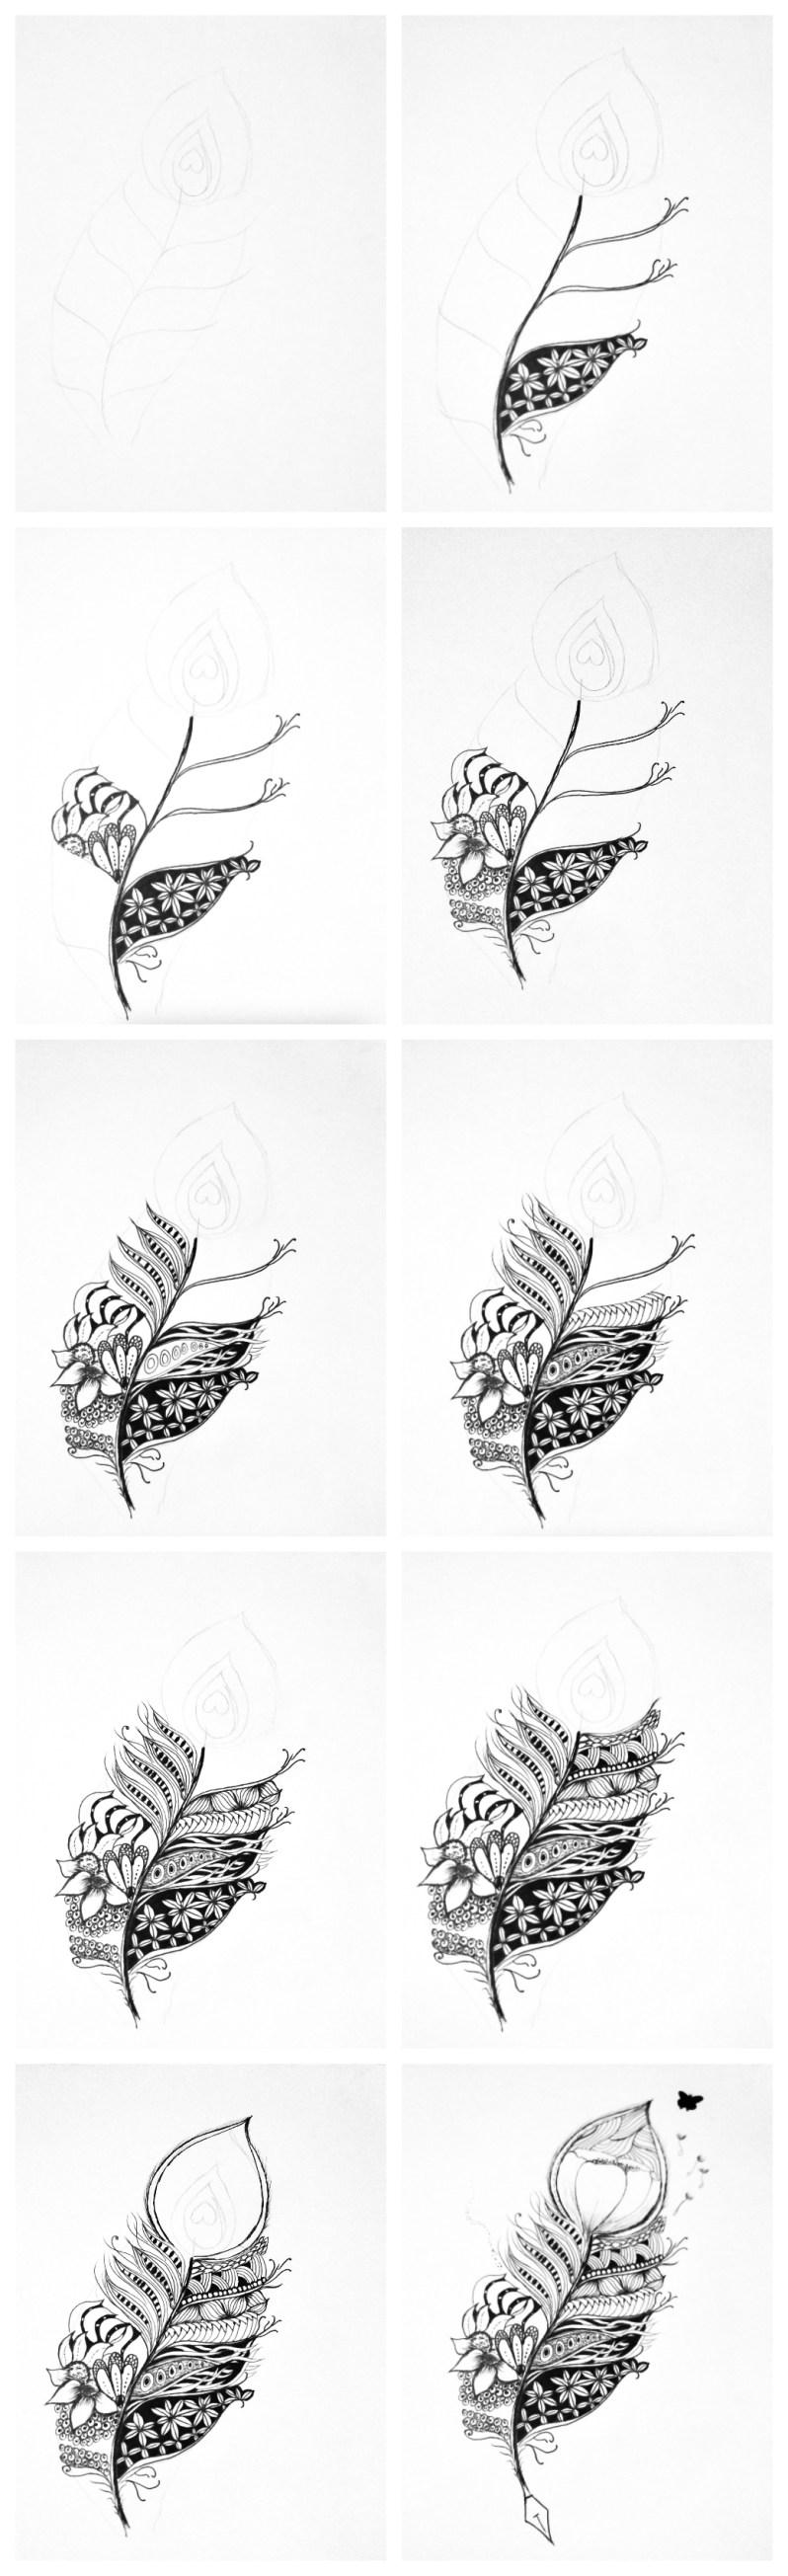 feather zentangle inspired art